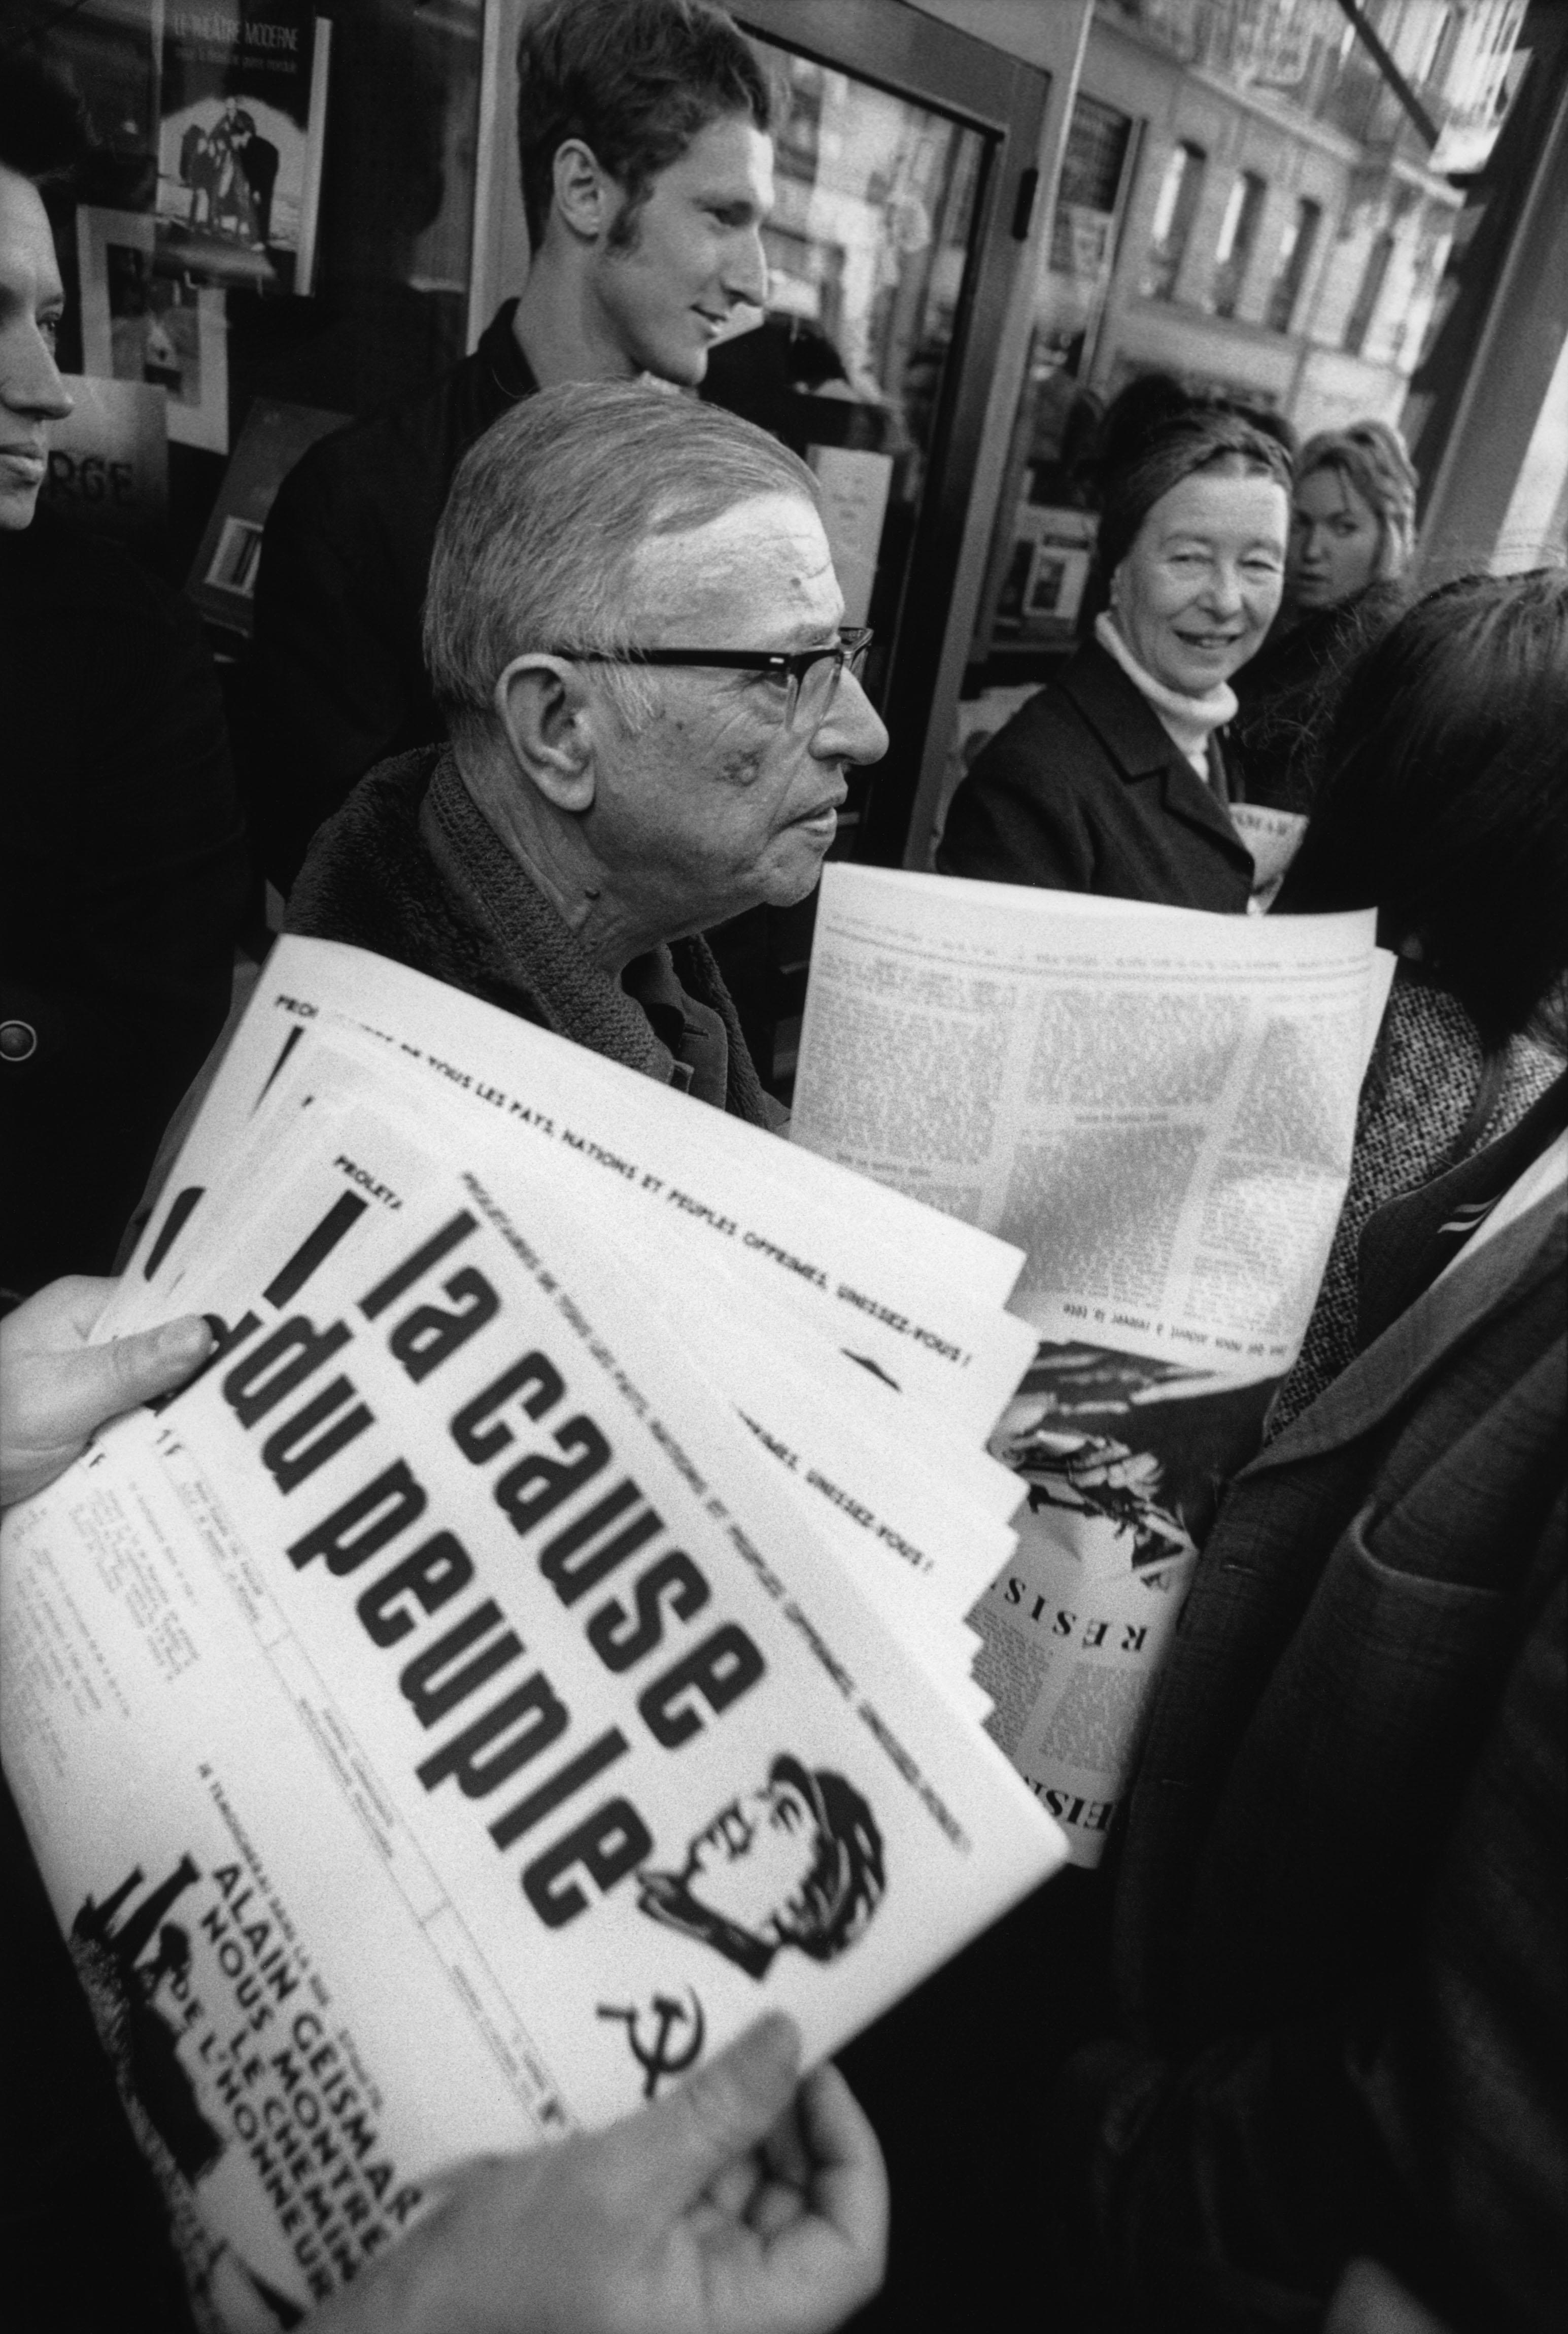 """1970 FRANCE. Paris. 1970. Jean-Paul SARTRE et d'autres intellectuels tiennent une conférence de presse à l'imprimerie de """"La cause du Peuple"""", pour soutenir le journal qu'ils sortent vendre dans la rue.  SARTRE et Simone de BEAUVOIR, écrivain français.  Image autorisée à Caroline Chang L&PM Editores par Caroline Chang Conditions d'utilisation :  - 3000 X 3000 pixels (A4)  © Bruno Barbey / Magnum Photos"""